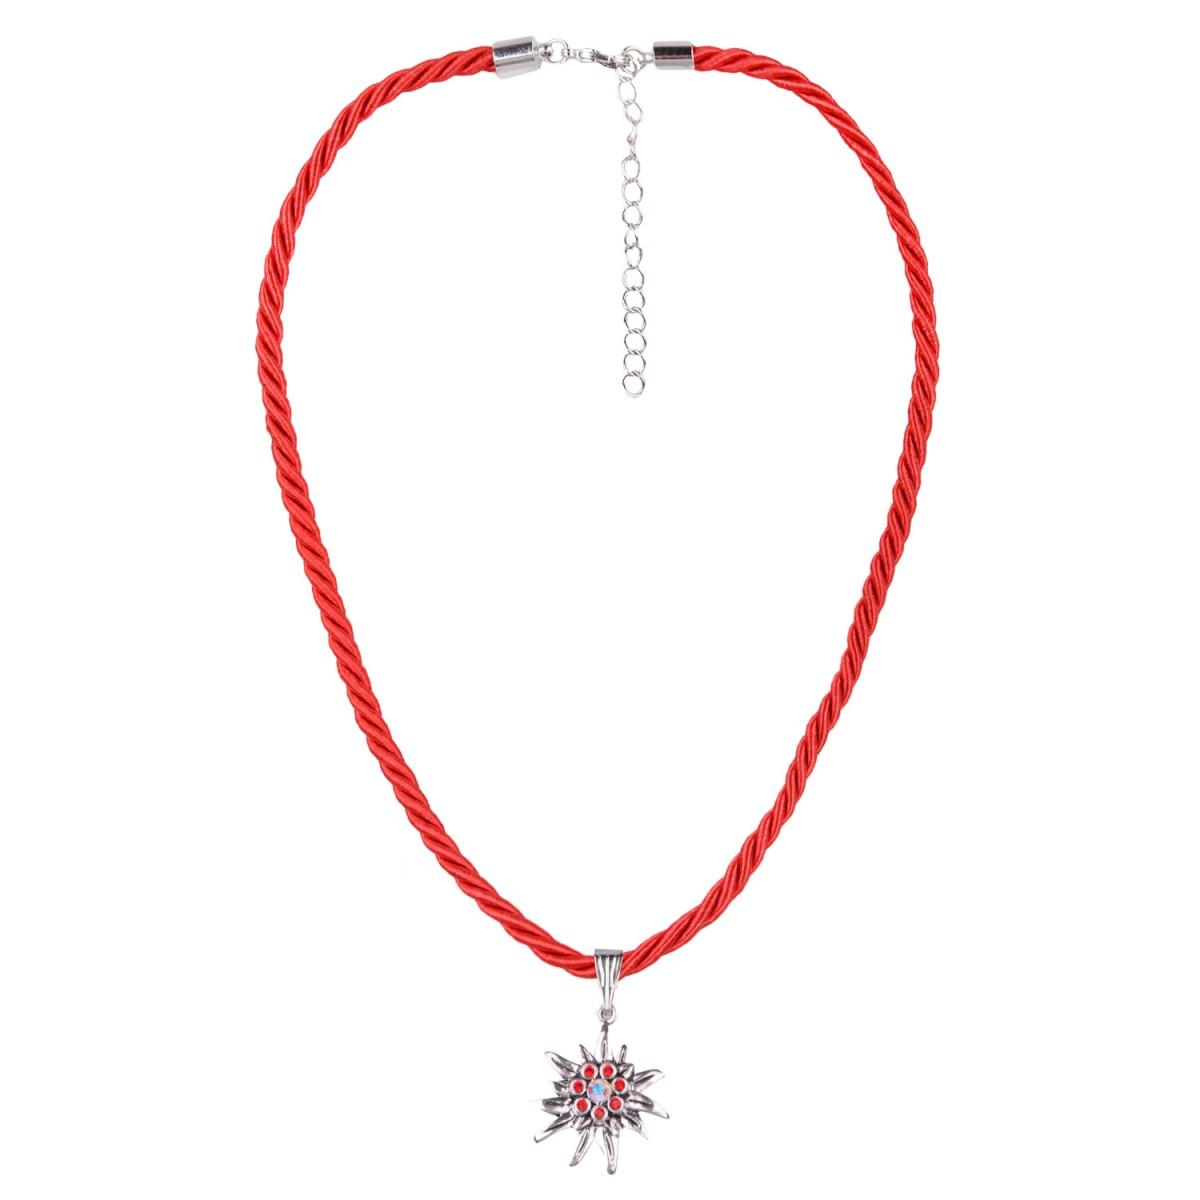 Kordelkette in Rot mit Edelweiß von Schlick Accessoires günstig online kaufen